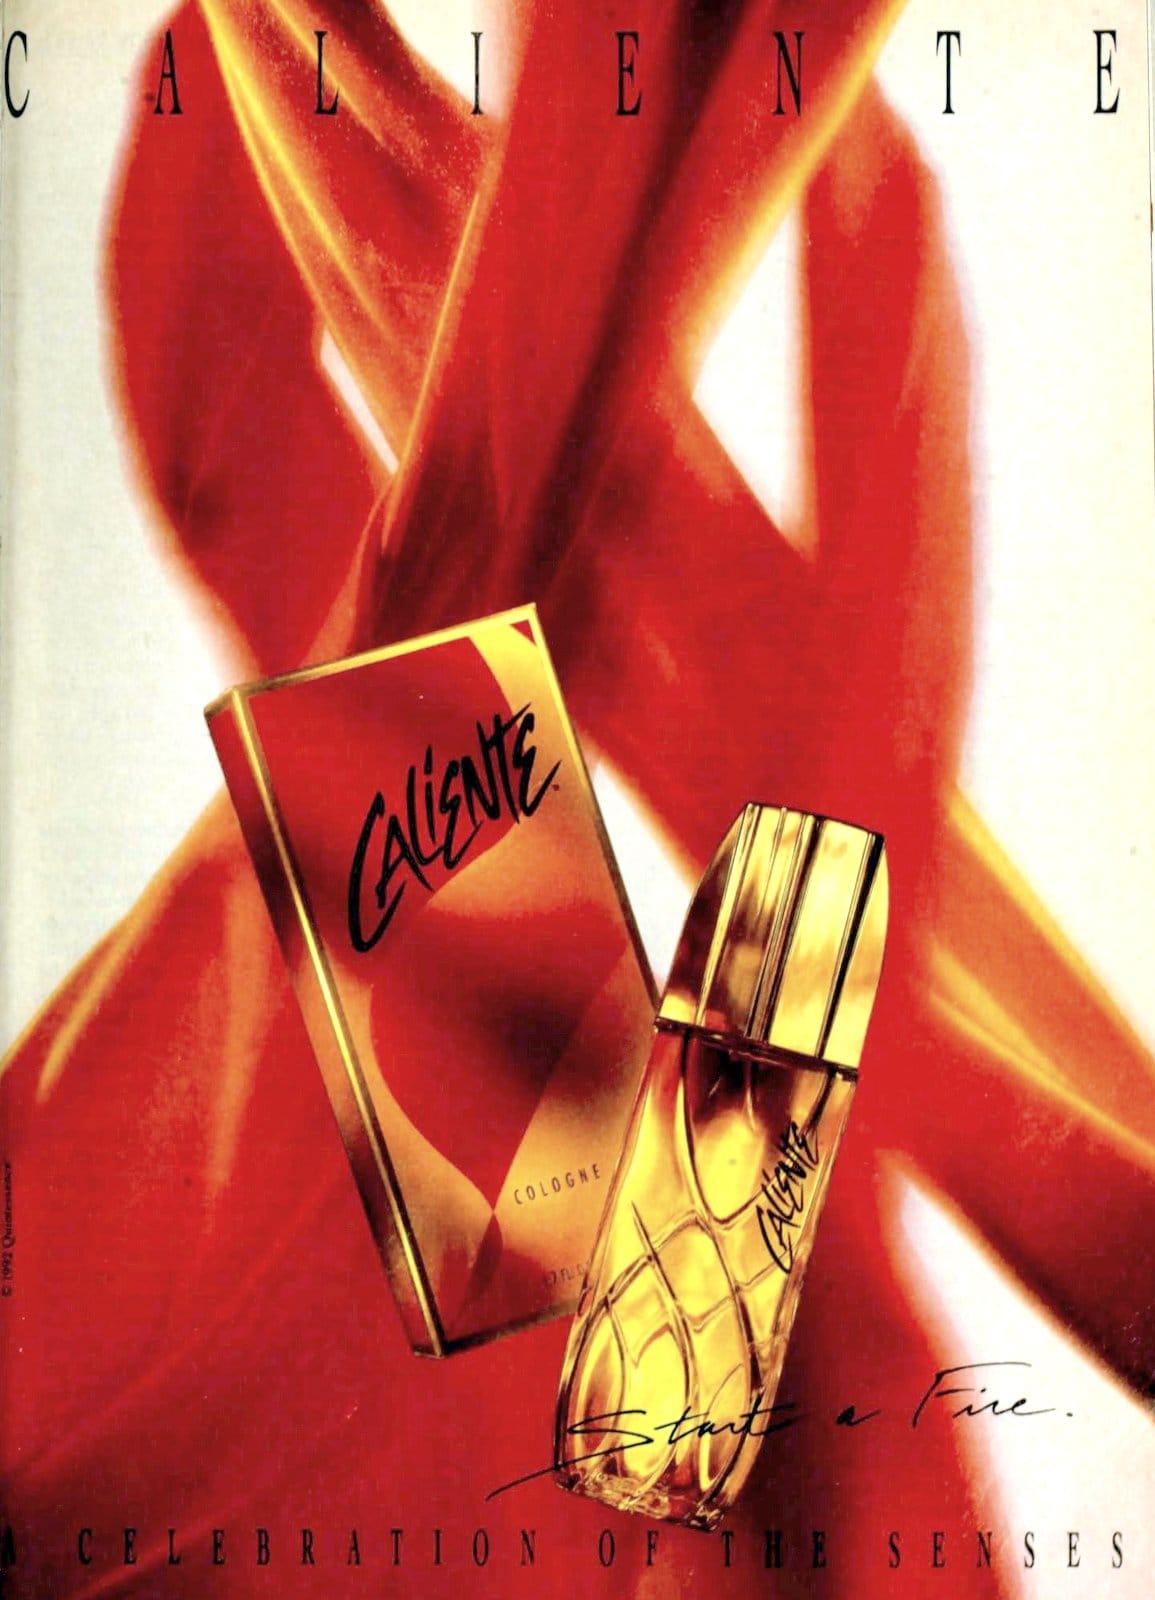 Caliente fragrance (1993) at ClickAmericana.com